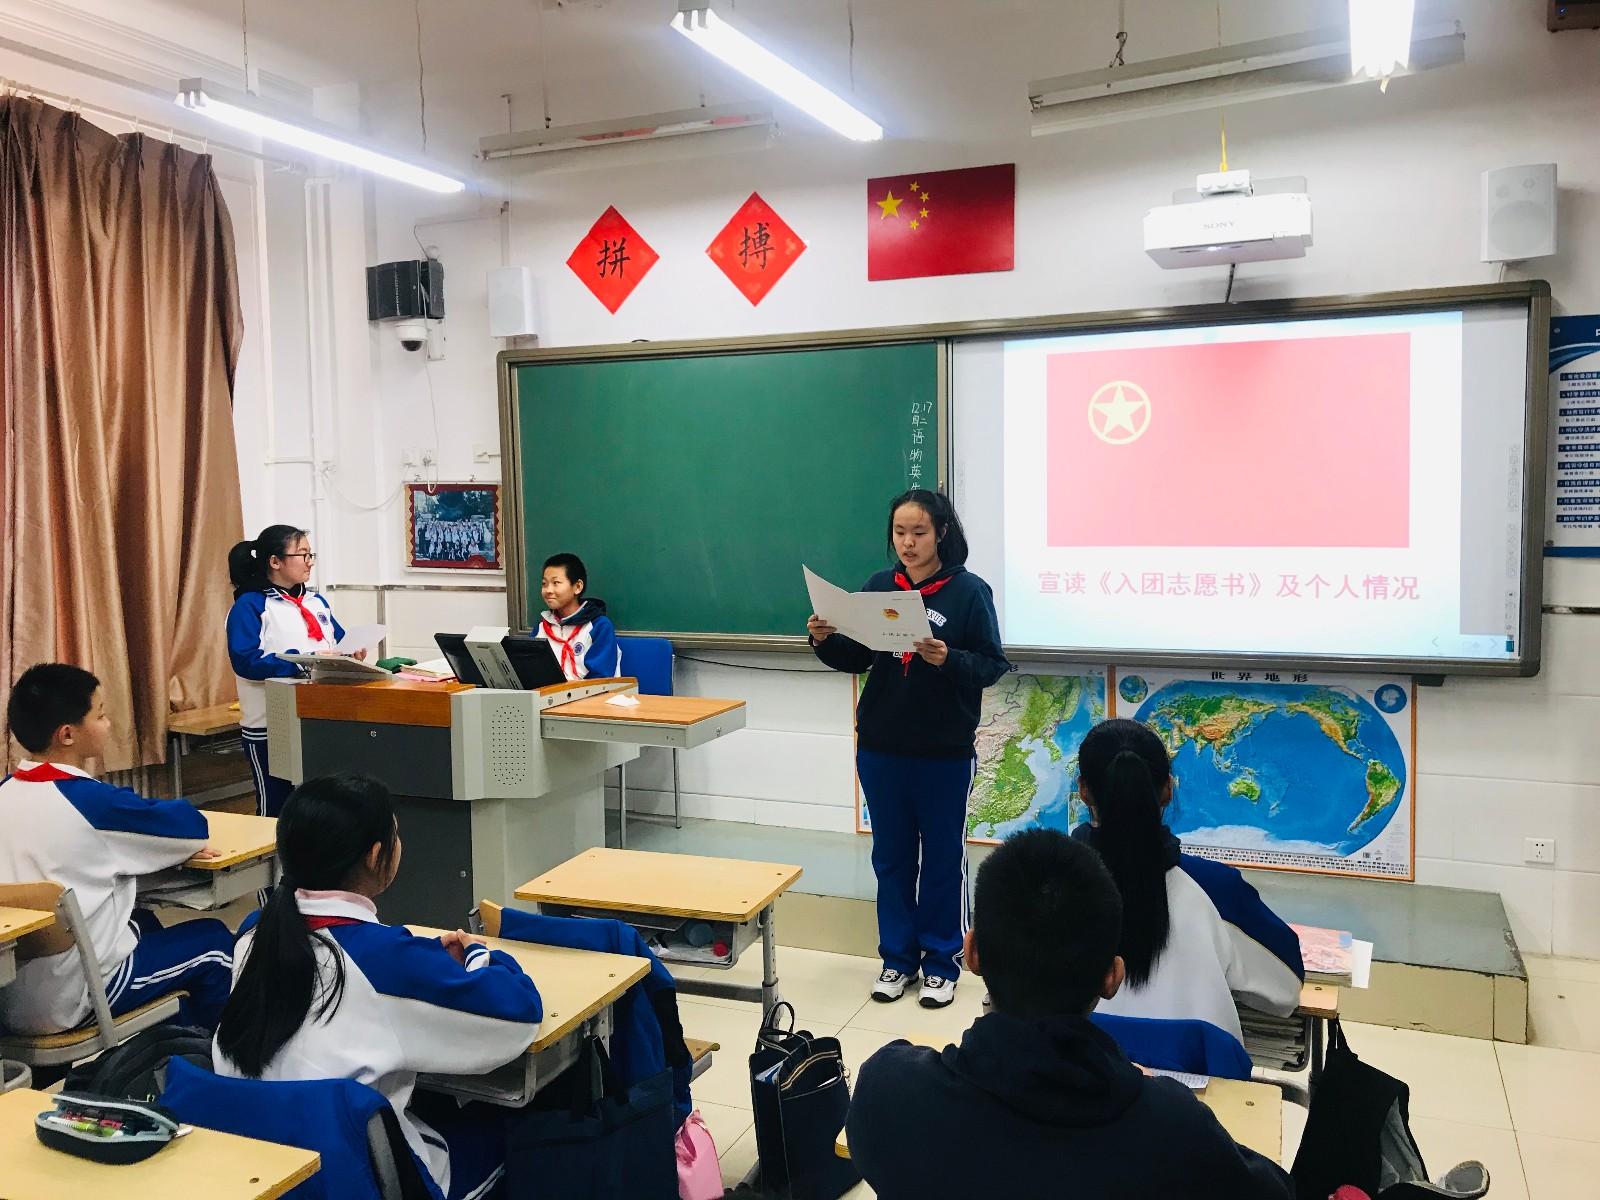 初二年级学生宣读入团志愿书.jpg